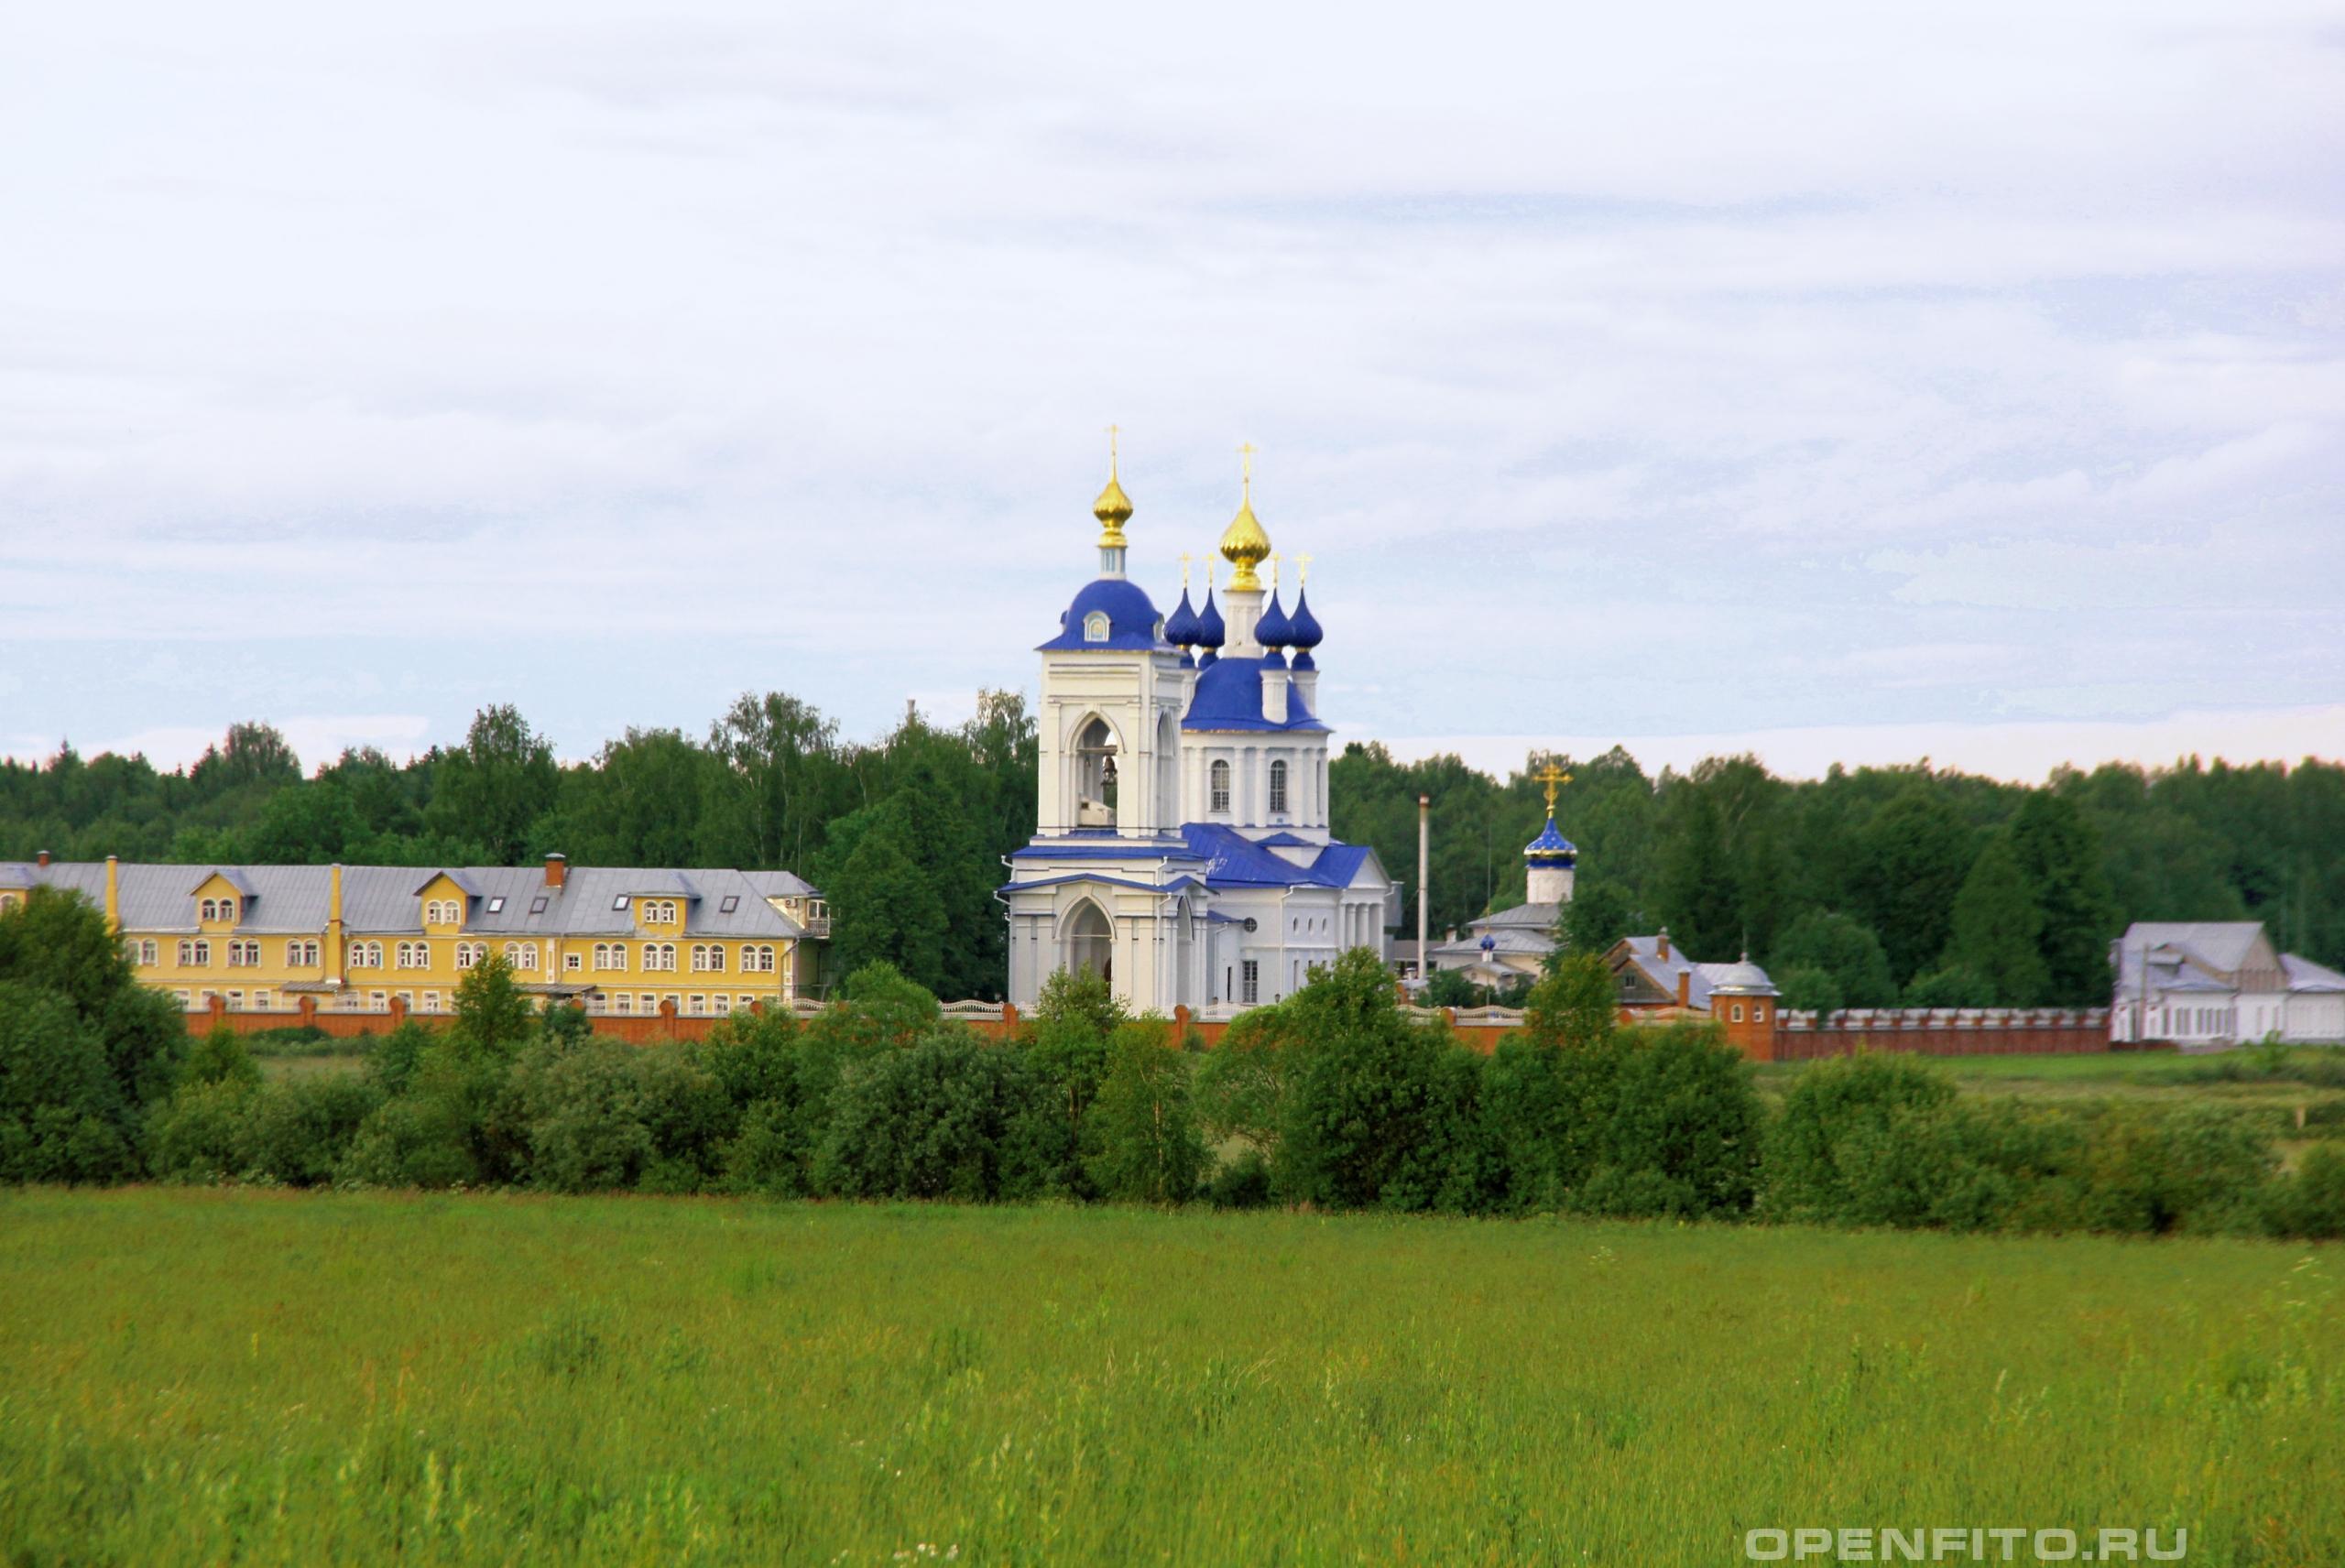 Успенский Дуниловский монастырь с синей крышей успенская церковь, ниже с одним куполом - Покровская церковь. Шуйский район, Ивановская область